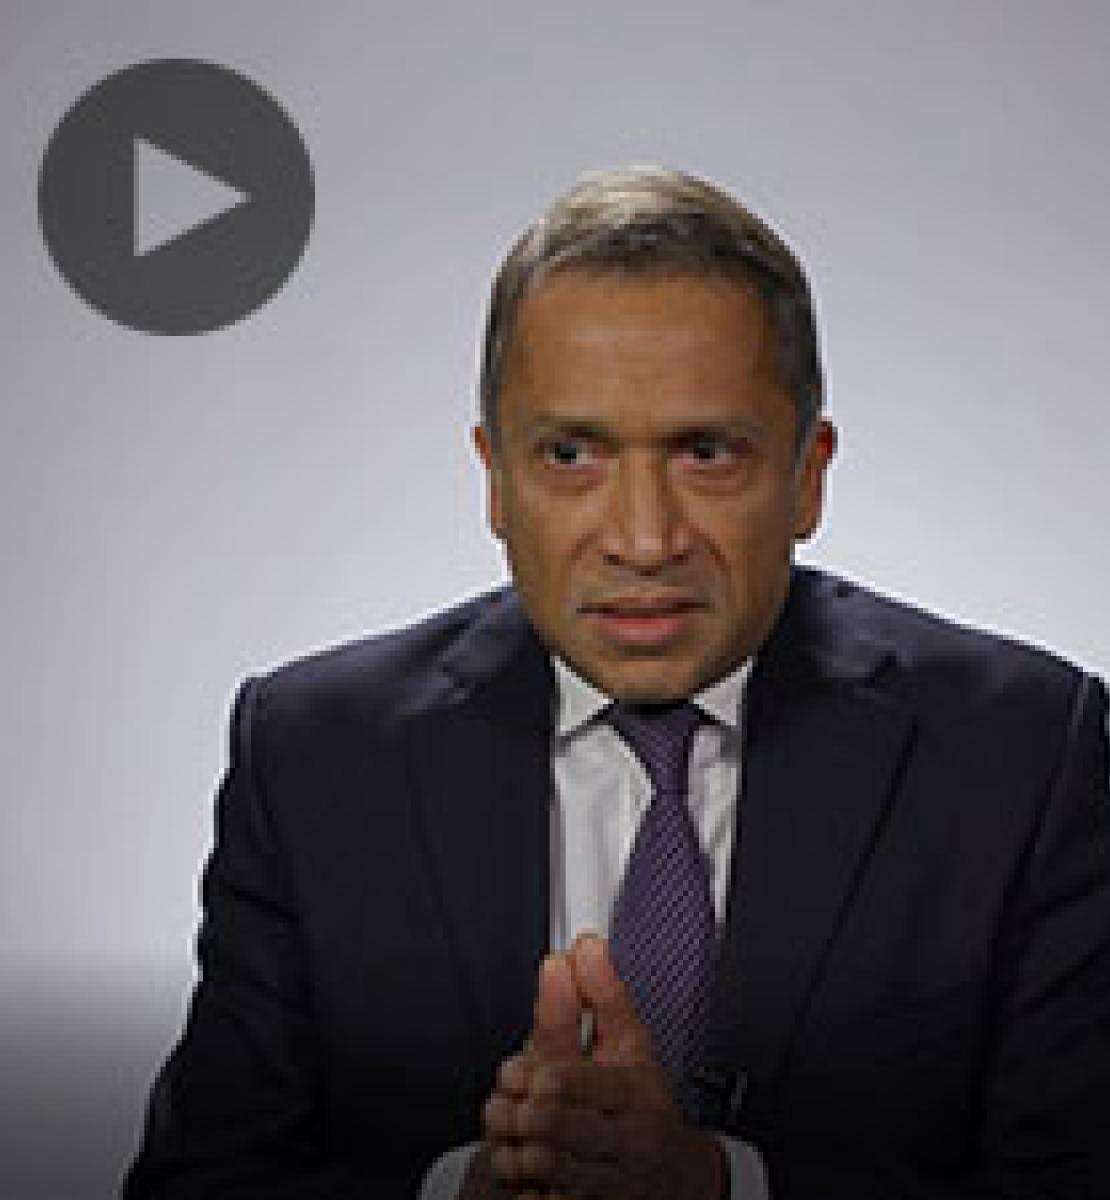 Screenshot from video message shows Resident Coordinator, Sanaka Samarasinha